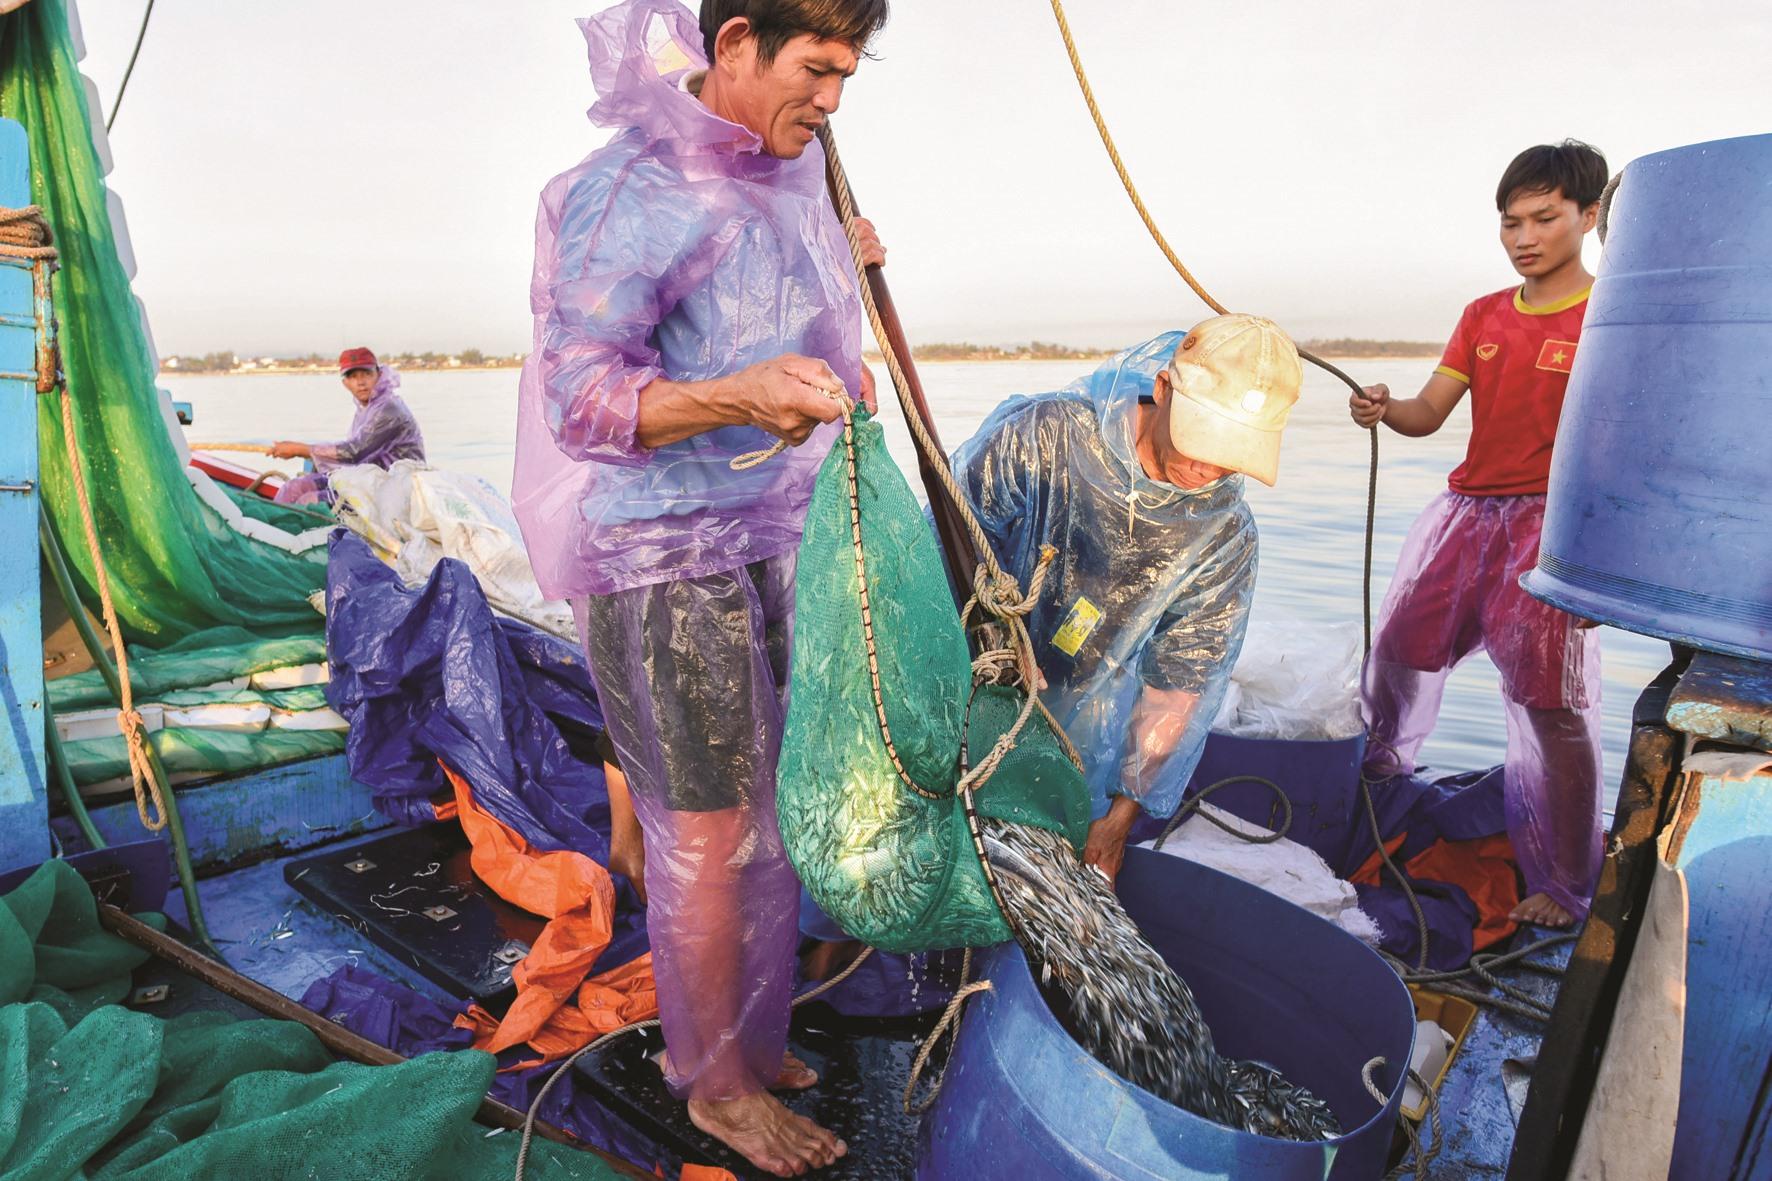 Cá cơm trên vùng biển Tam Thanh là loại cá cơm than rất giàu dinh dưỡng. Chính từ loại cá cơm này sẽ cho ra dòng nước mắm đậm đà hương vị của quê xứ Tam Thanh.